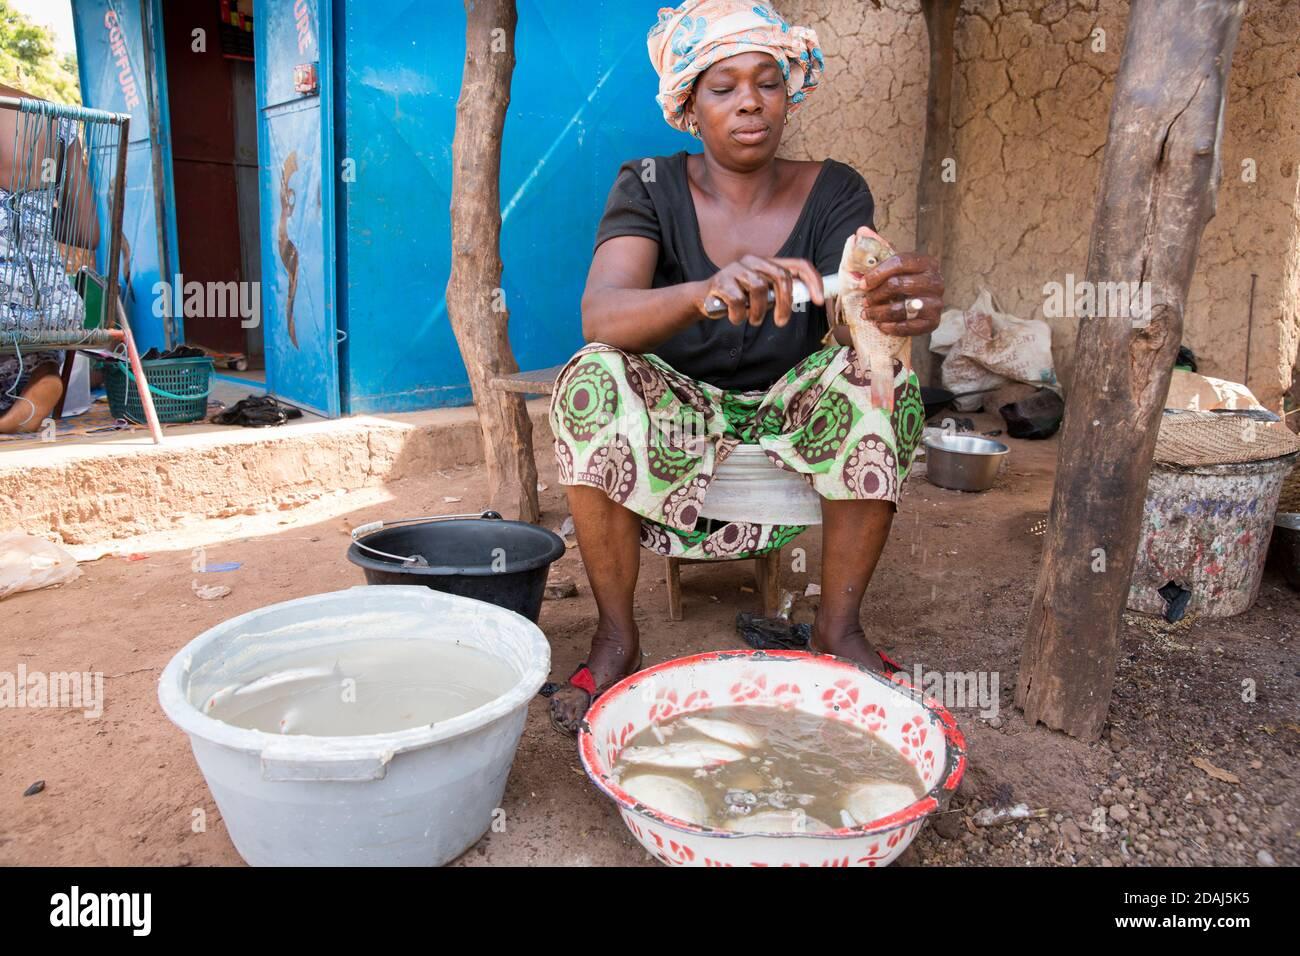 Selingue, Mali, le 25 avril 2015; le nettoyeur de poisson Nantine Senayoko, 45 ans, travaille tous les jours et fait entre 3,000 et 3,500 CFA par jour. Banque D'Images